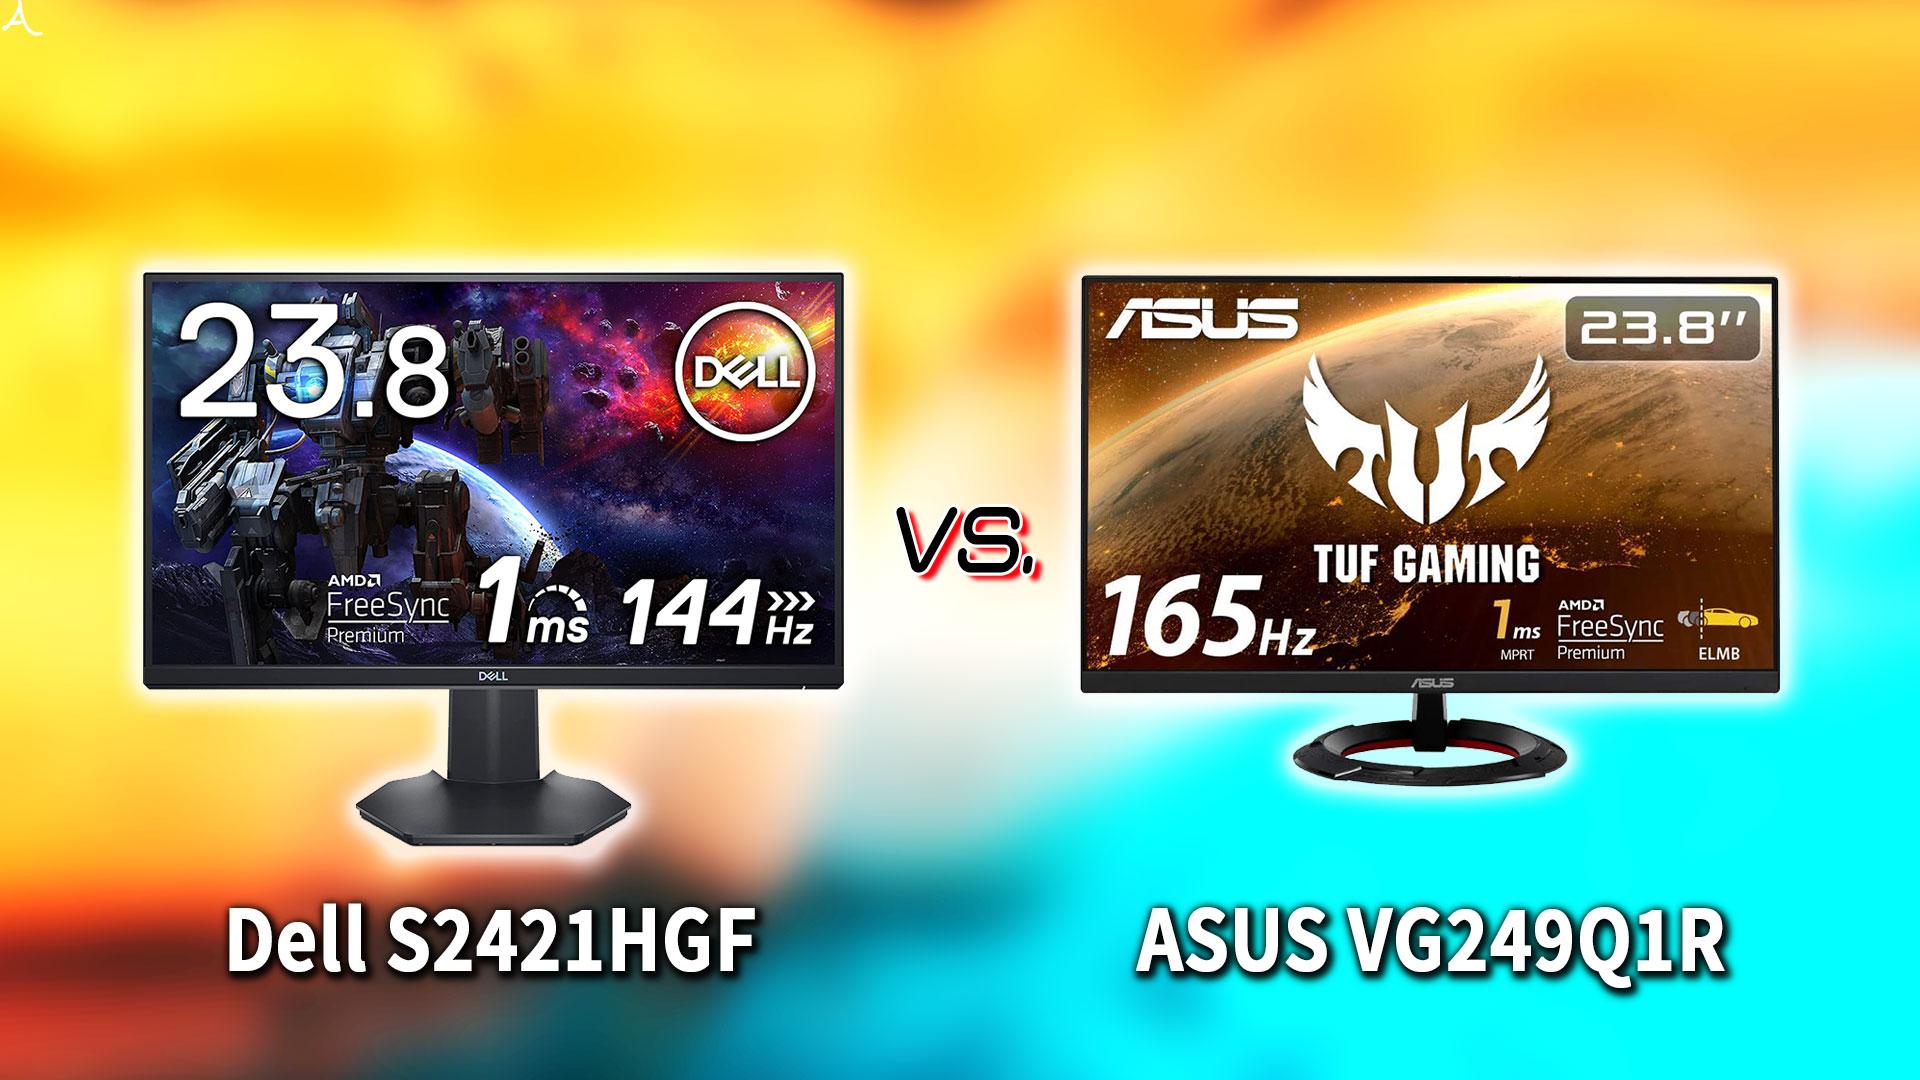 「Dell S2421HGF」と「ASUS VG249Q1R」の違いを比較:どっちを買う?